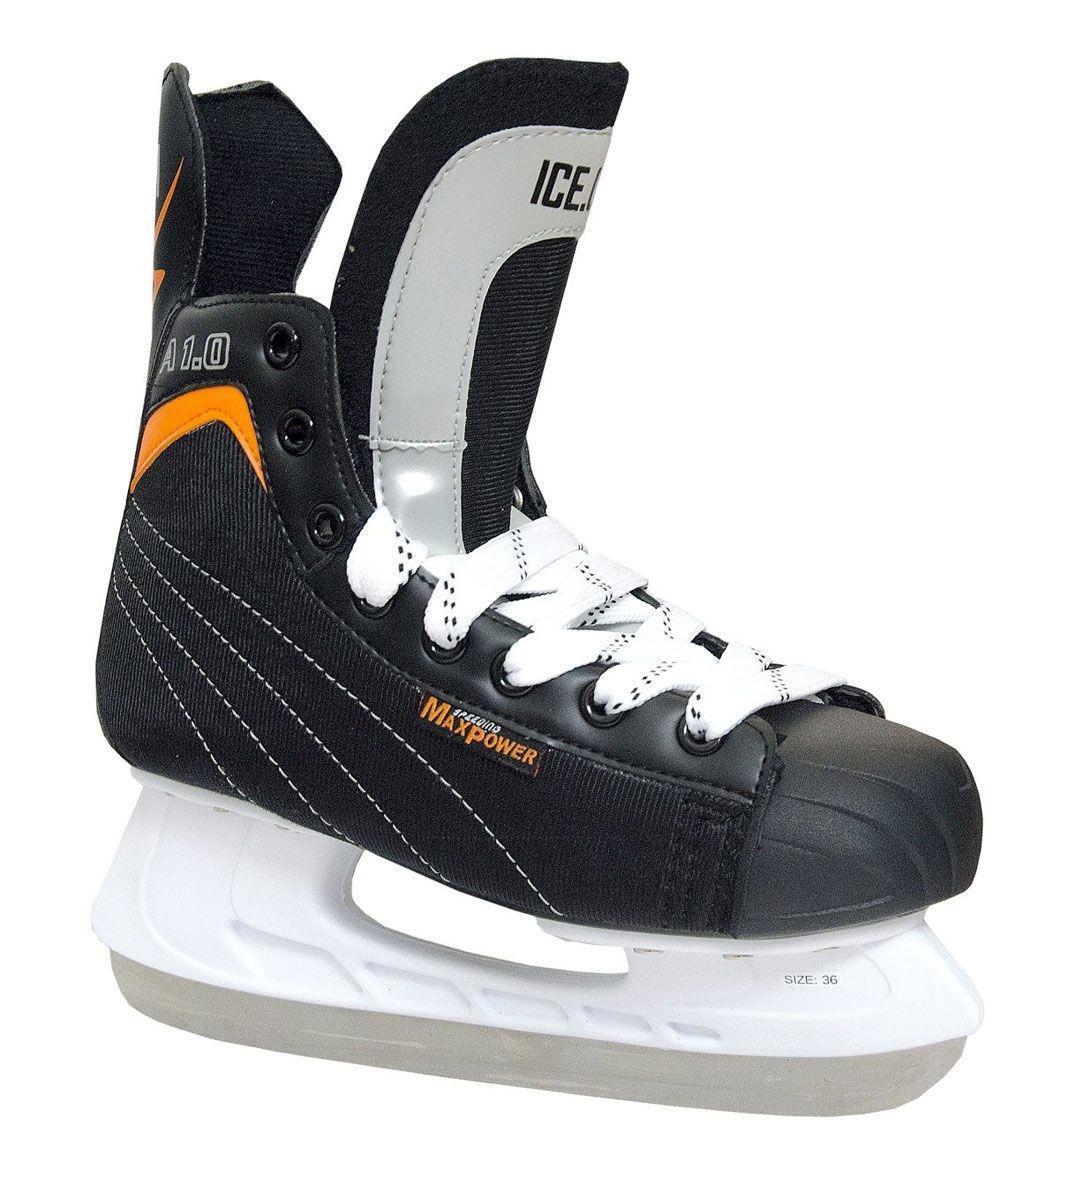 Коньки хоккейные Ice.Com A 1.0 2014, цвет: черный, оранжевый. Размер 40